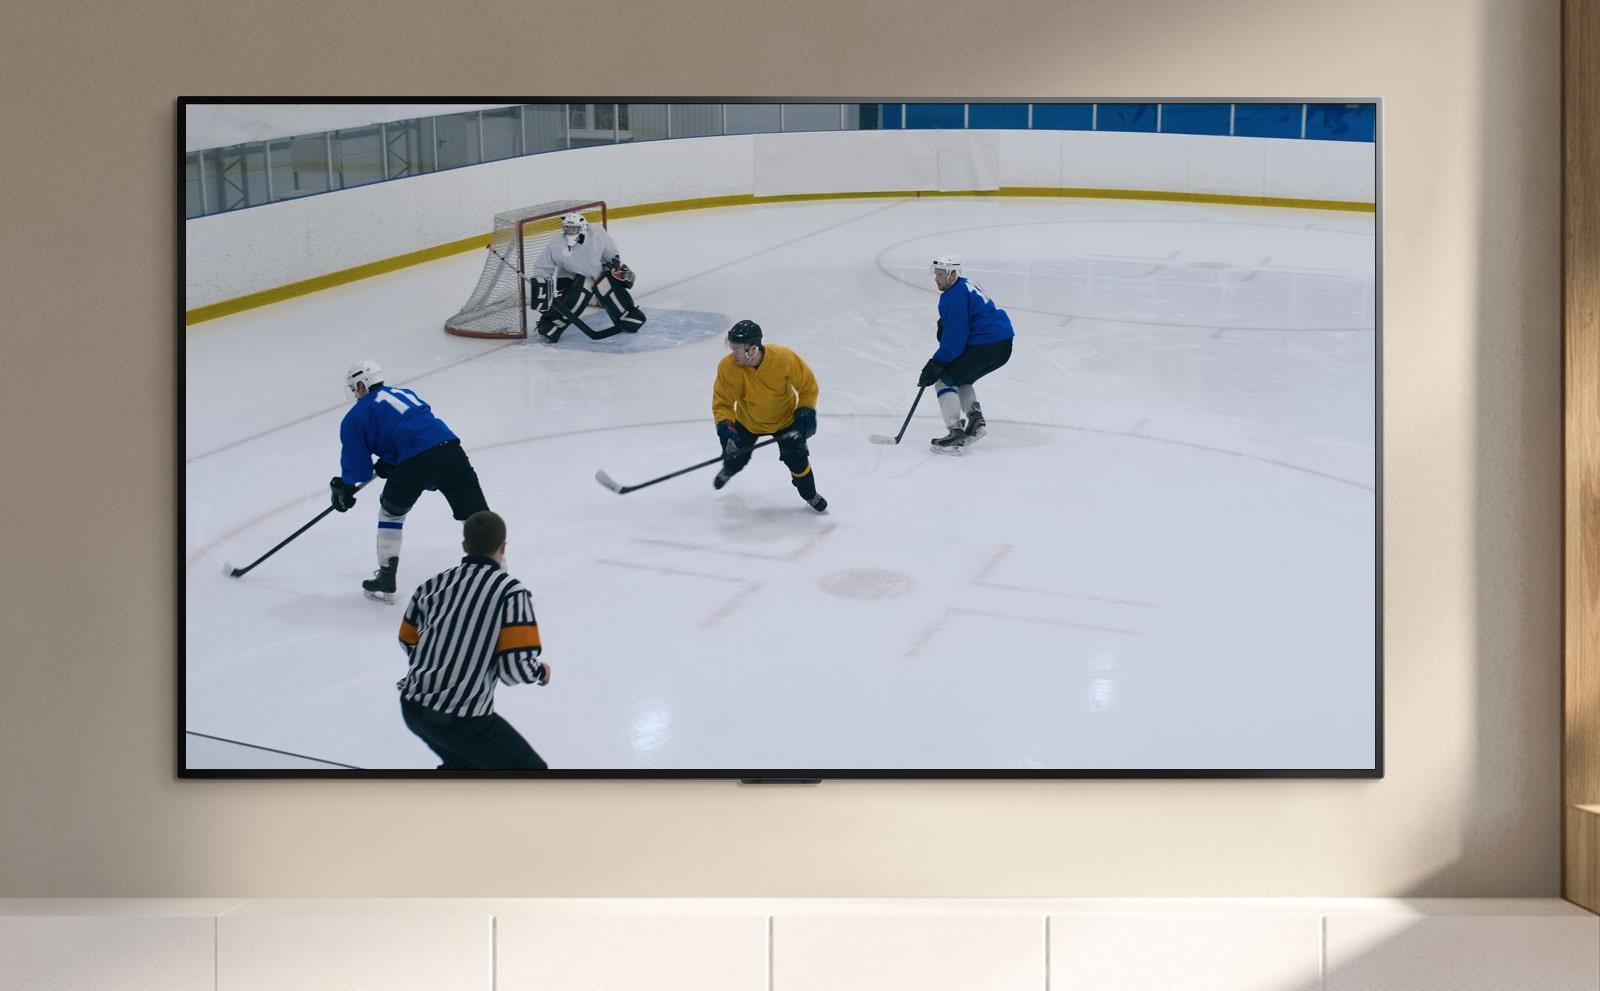 מסך טלוויזיה המציג שחקני הוקי משחקים הוקי (הפעילו את הסרטון)